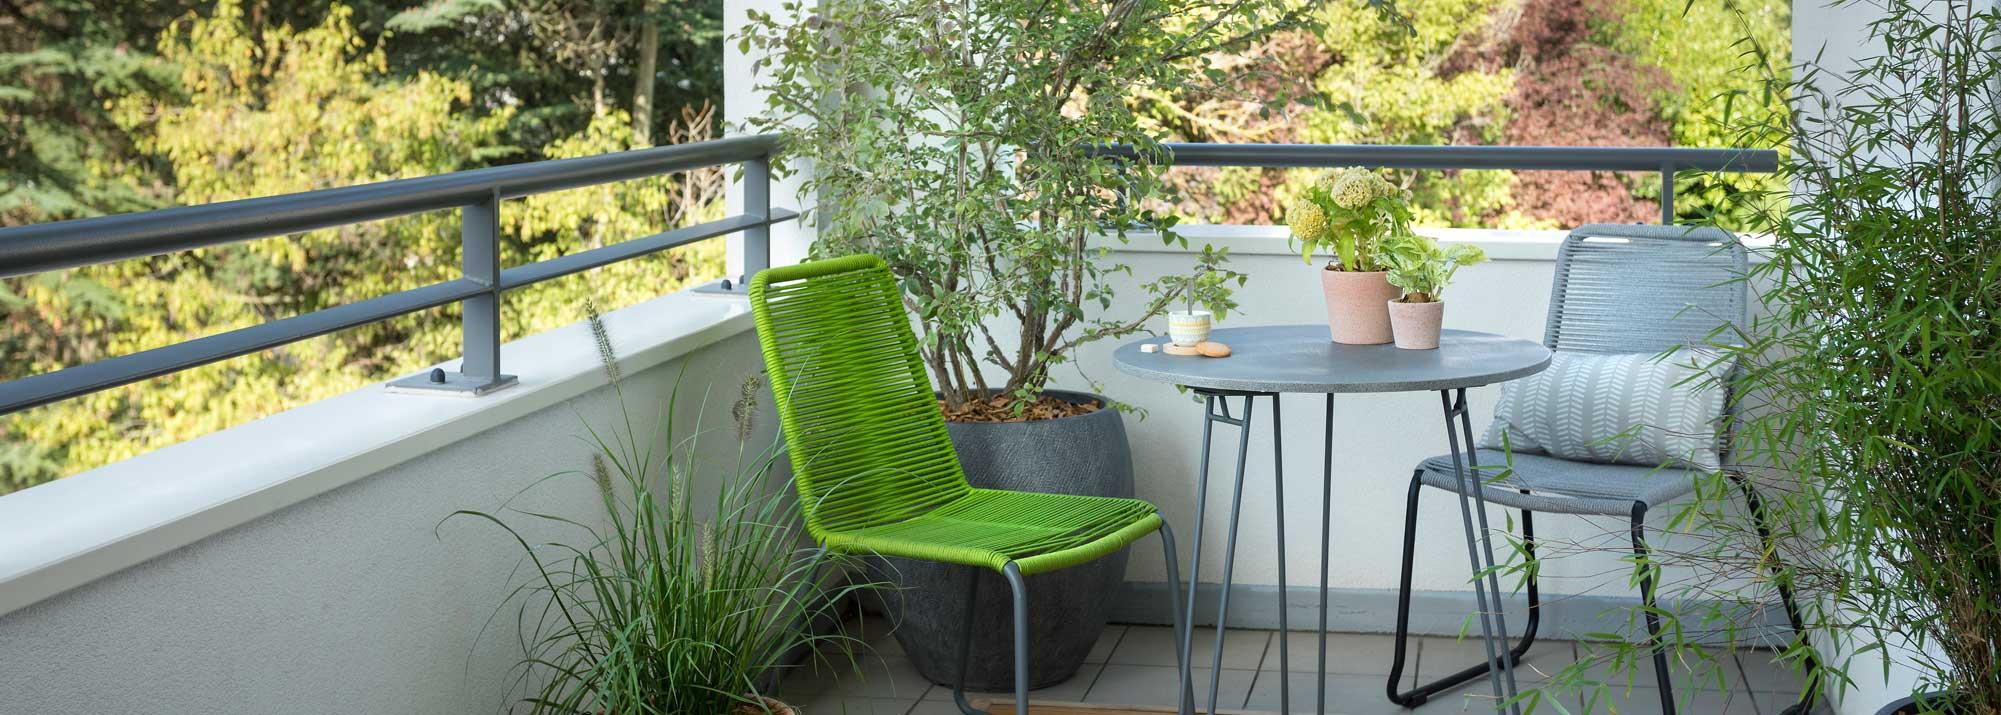 Chaise De Jardin : Botanic®, Chaises Extérieures Pliables Et ... concernant Chaise Jardin Colorée